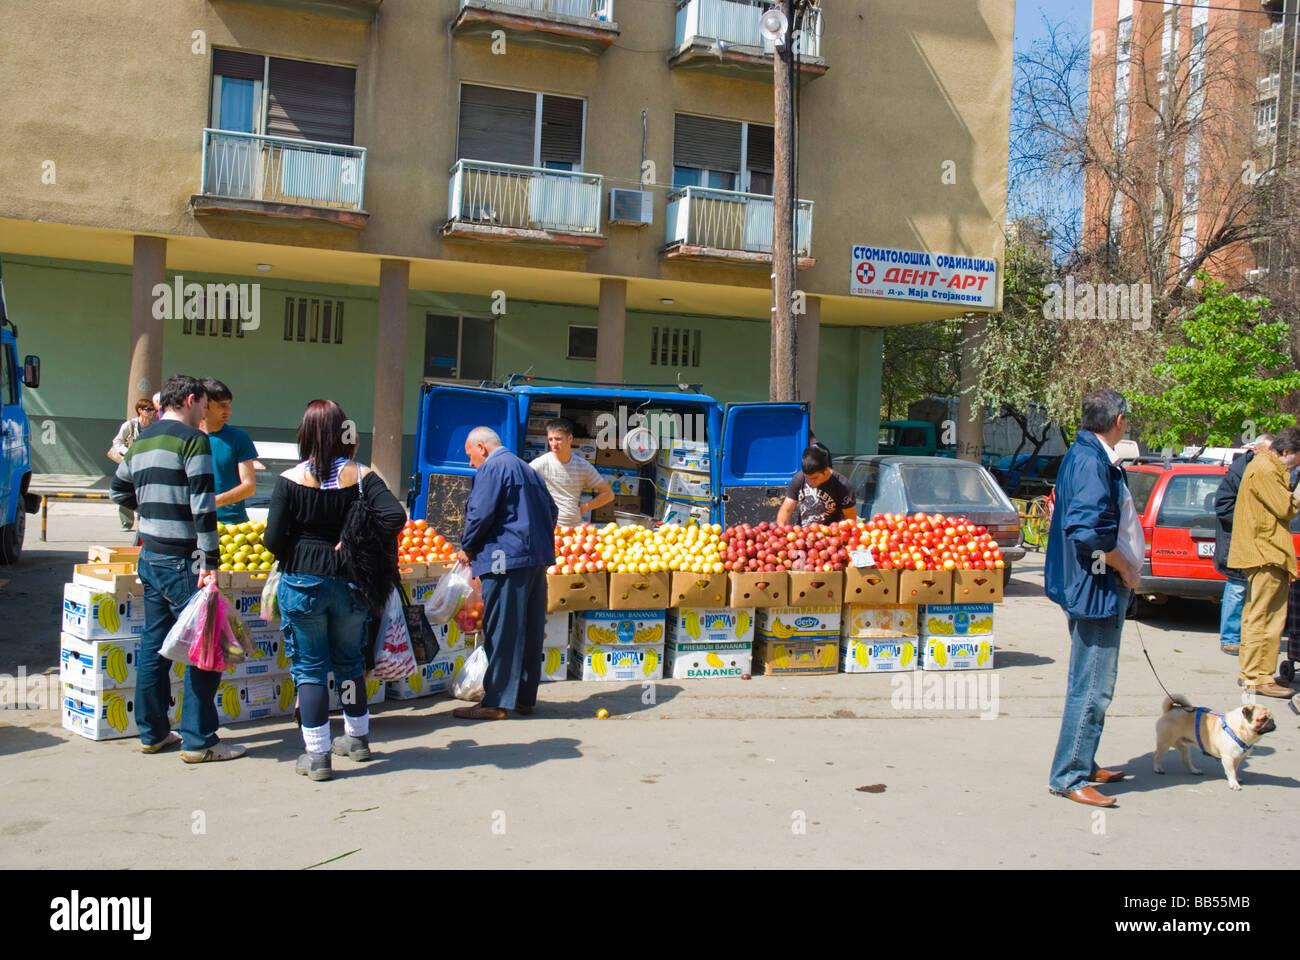 Vendeur Apple au principal marché de Skopje Macédoine Europe Photo Stock